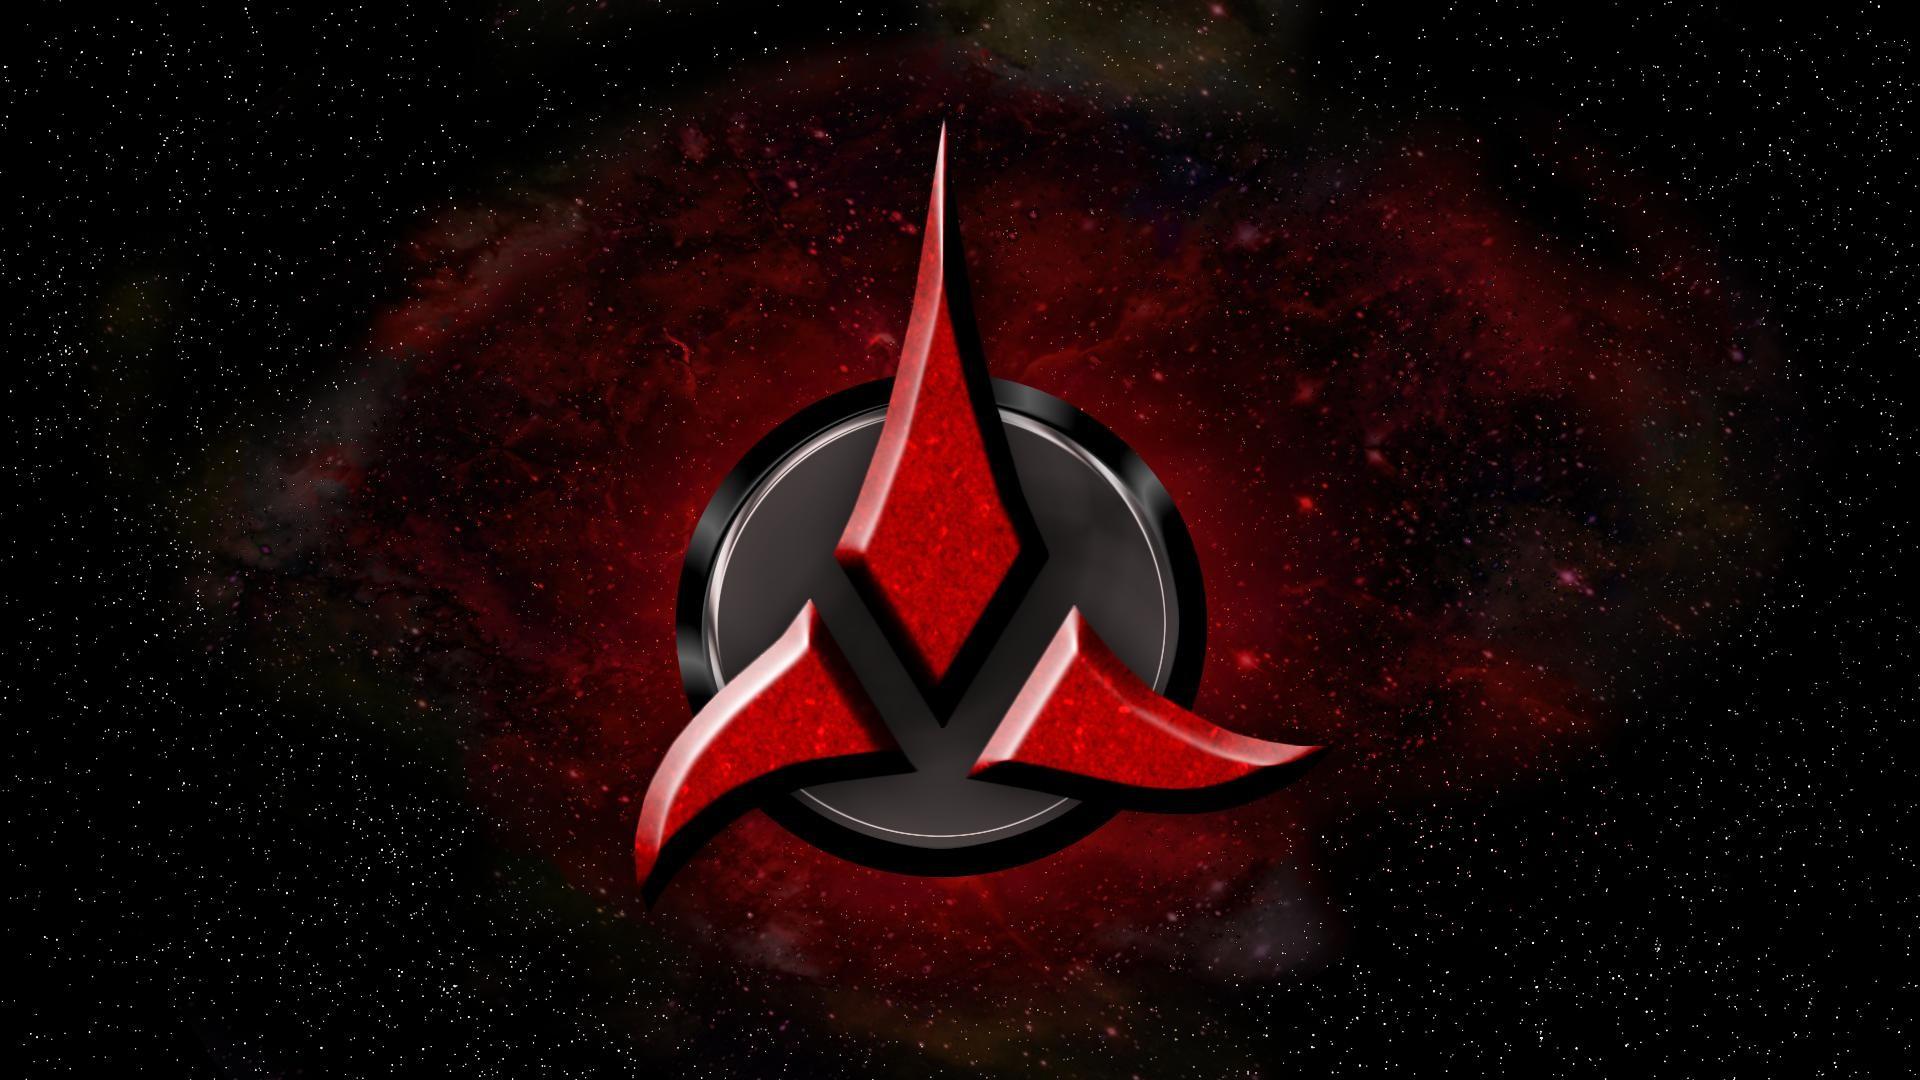 Klingon symbol wallpaper 81 images - Star trek symbol wallpaper ...